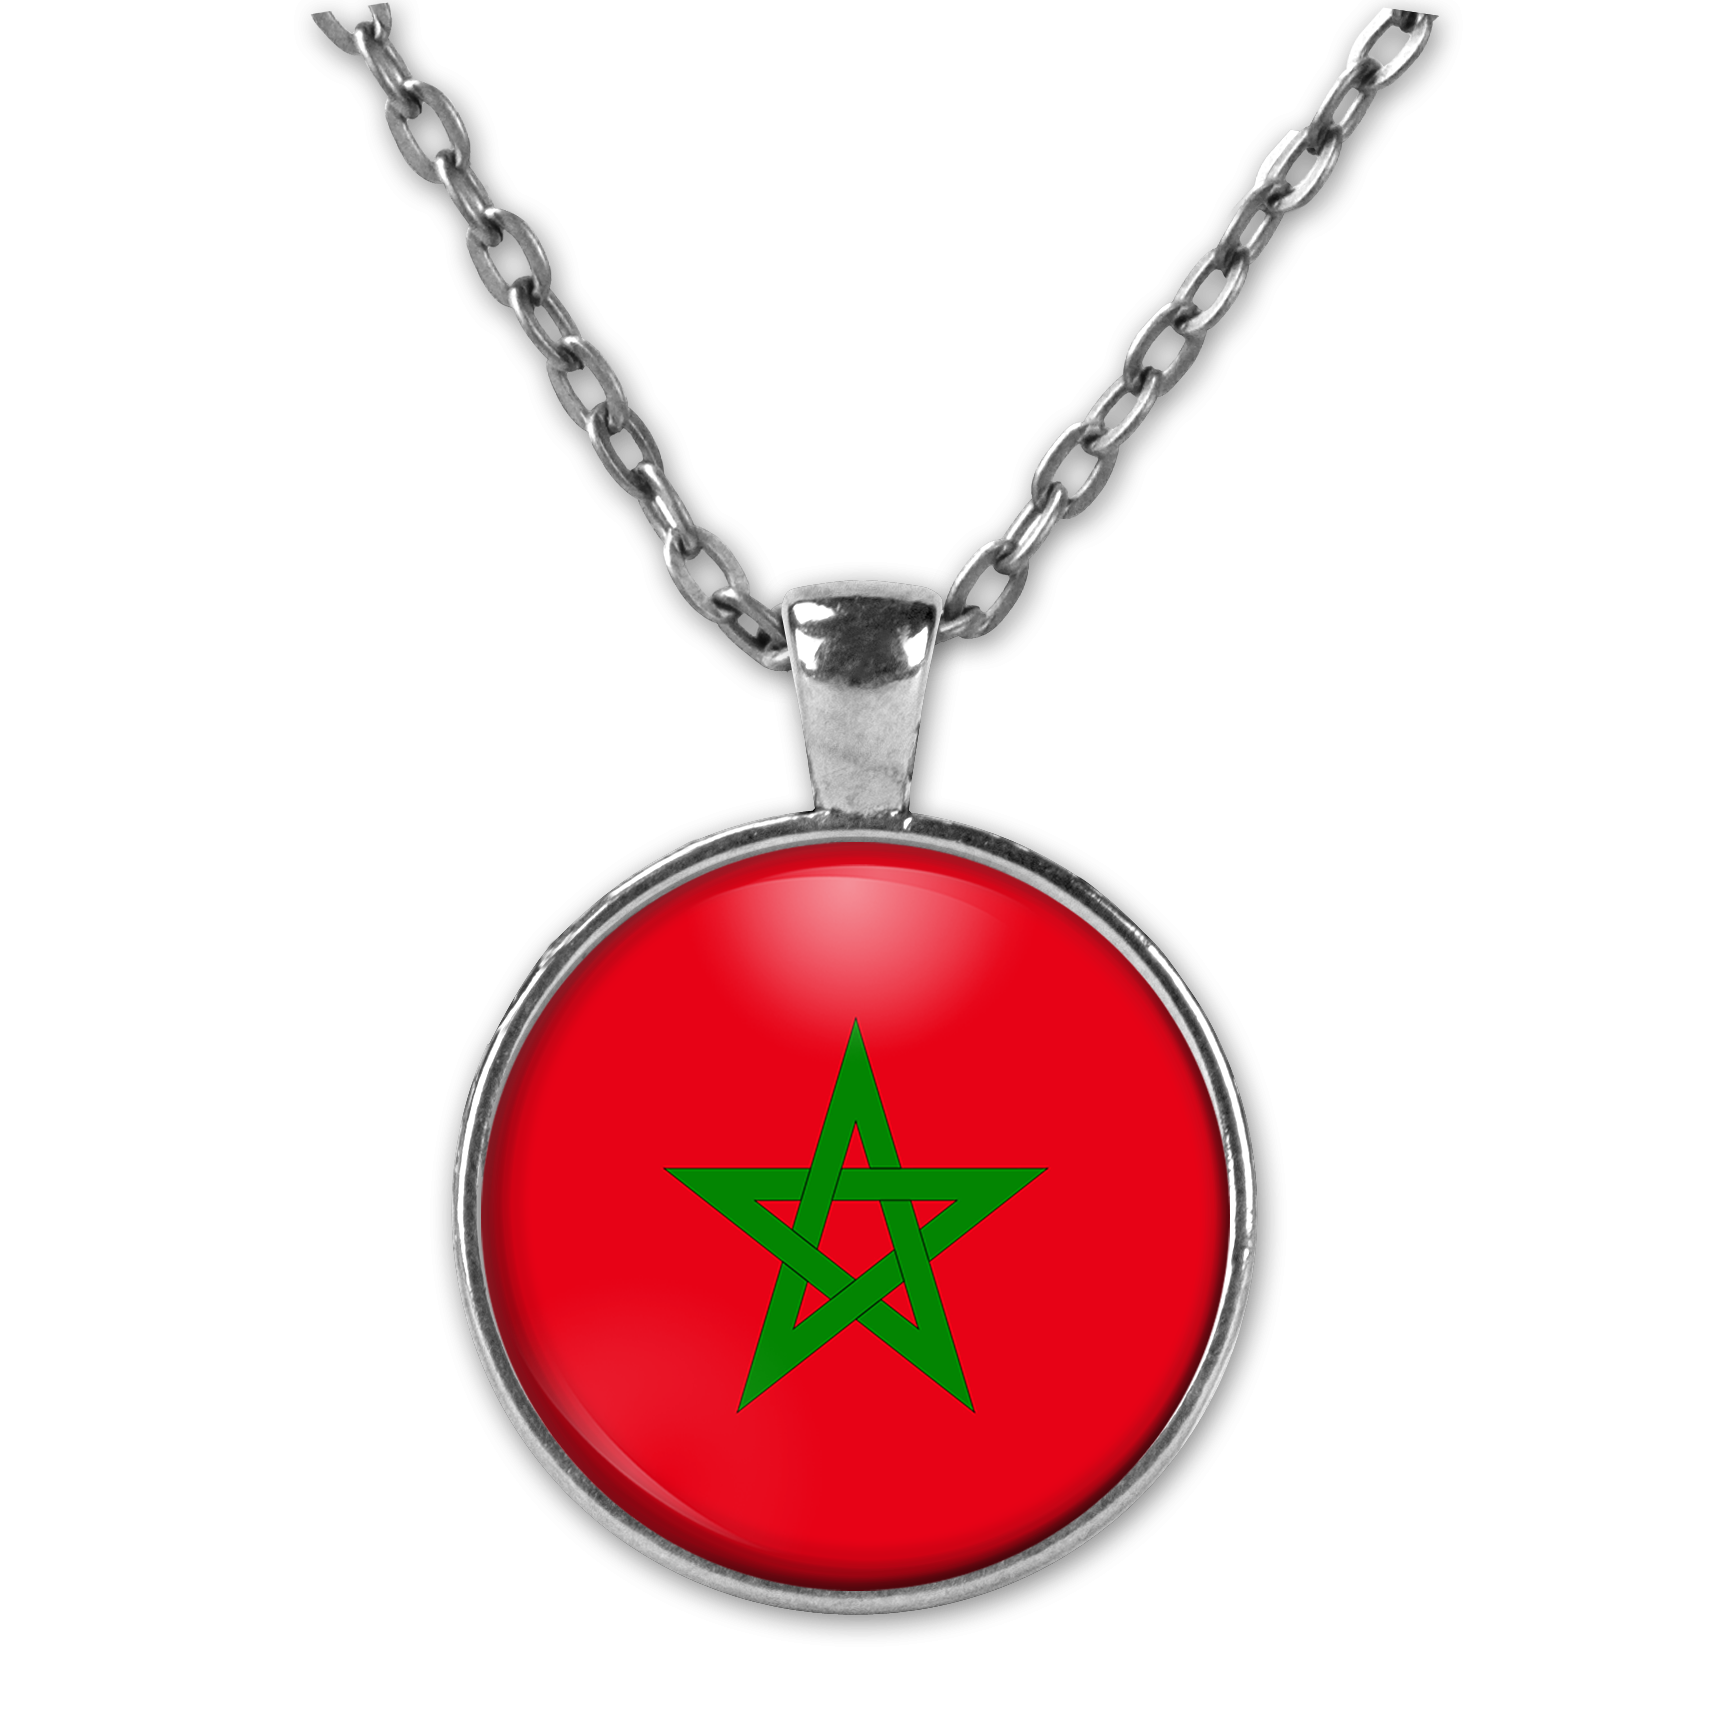 Maroc Personalised Hình Vòng Cổ Nữ Hình Trang Sức dây chuyền mặt dây chuyền Vòng Cổ Nam Đài Tưởng Niệm Ảnh Quà Tặng